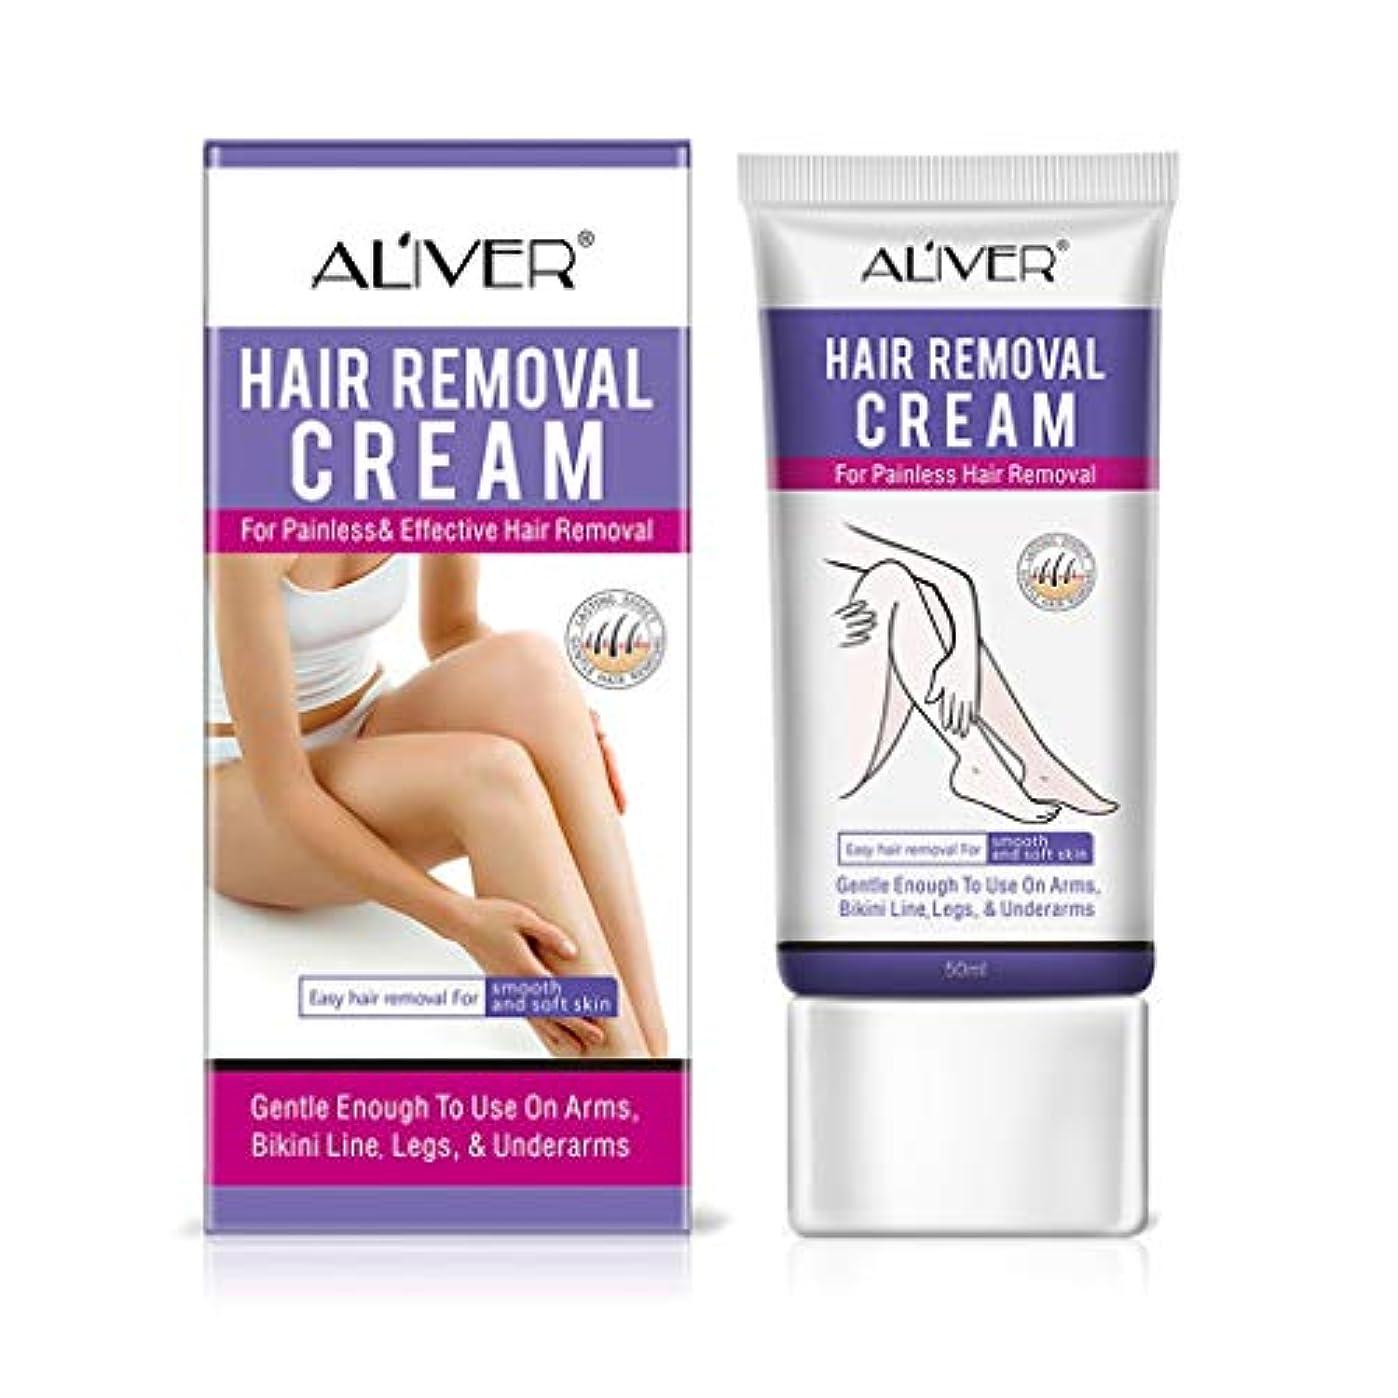 名義で研究アトム脱毛 温和無痛 敏感肌適当な、 腋毛の足の足の毛と太もものためのALIVER脱毛軟膏、安全で便利、細かい髪を取り除き、メイクをより親しみやすくする